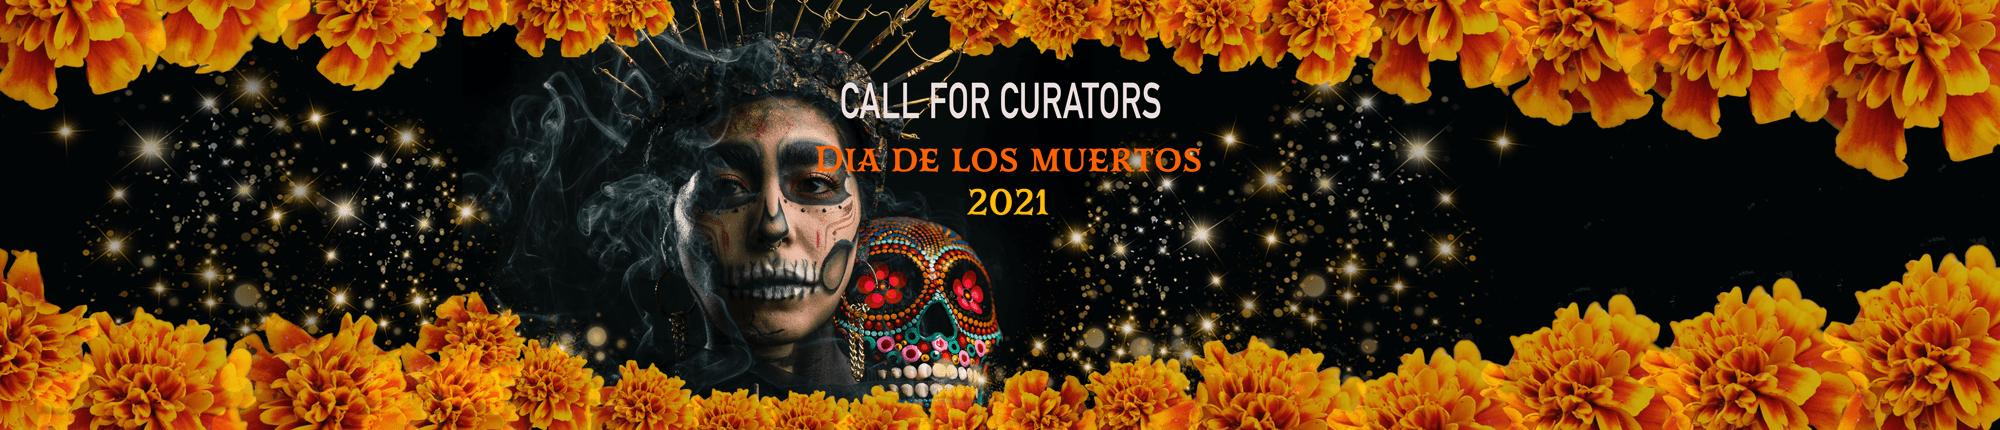 Call for Curators Día de los Muertos 2021